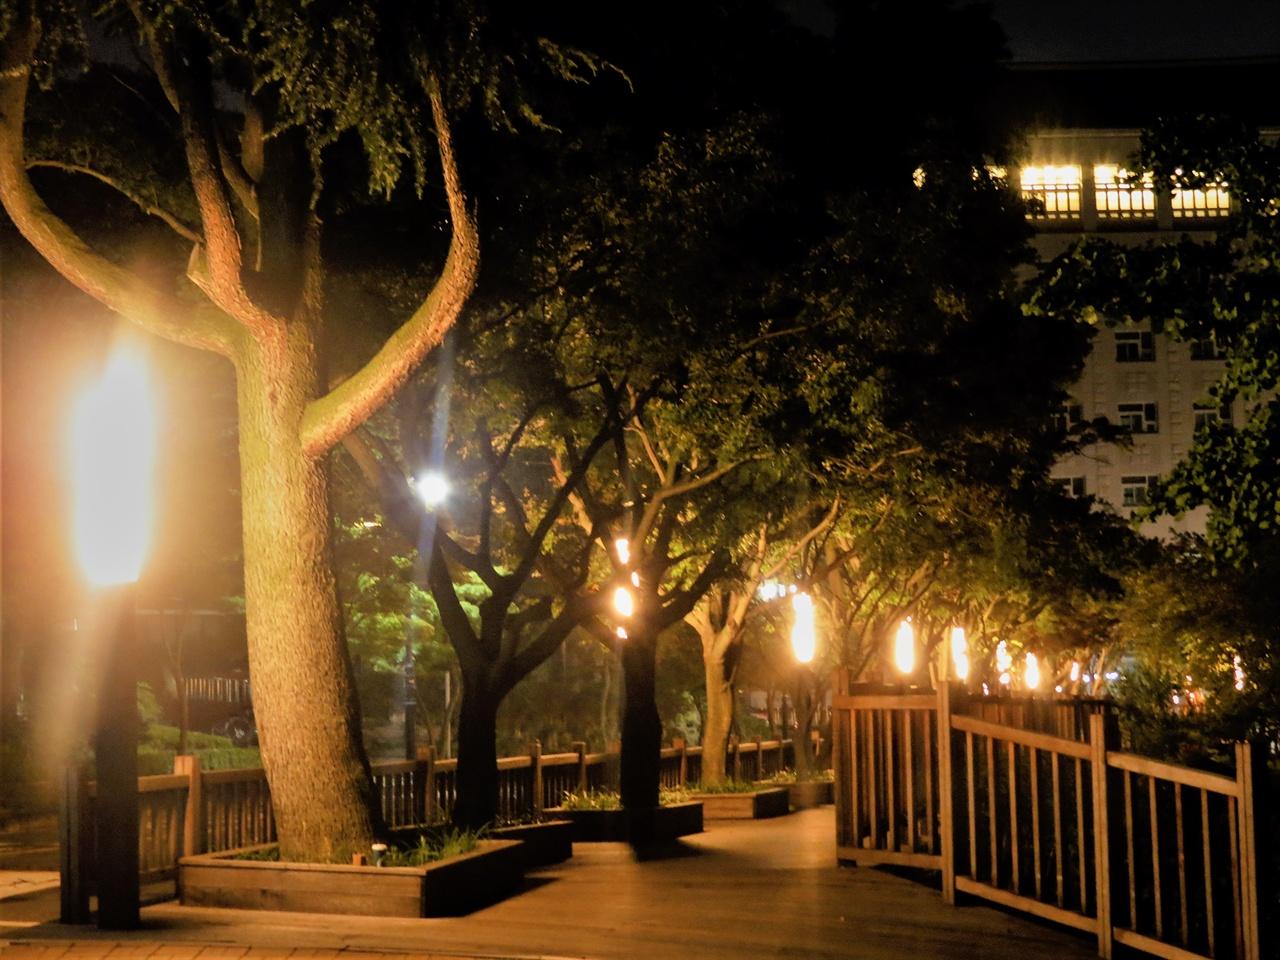 신축 인문사회대학 앞의 모습입니다. 평소에는 학생들로 복잡한 길이지만 밤이 되면 비교적 한산해집니다. 늦은 시간까지 공부하고 귀가하는 학생들이 가끔 보이는 정도랄까요.